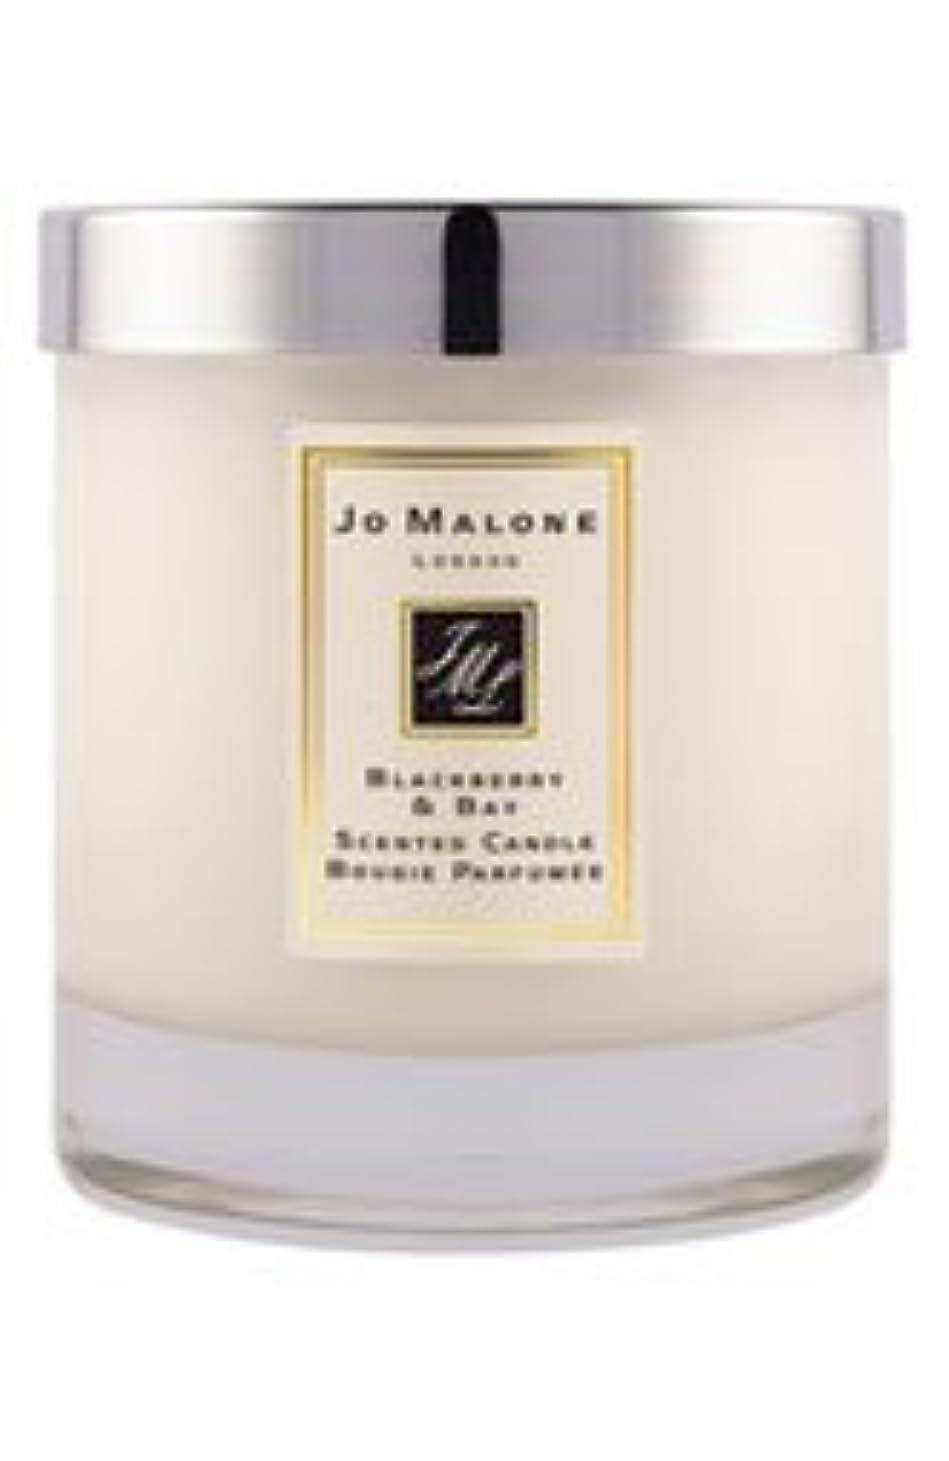 狂う船酔い困難ジョーマローン 'ブラックベリー&ベイ' 7.0 oz (210ml) ホームキャンドル (香りつき)